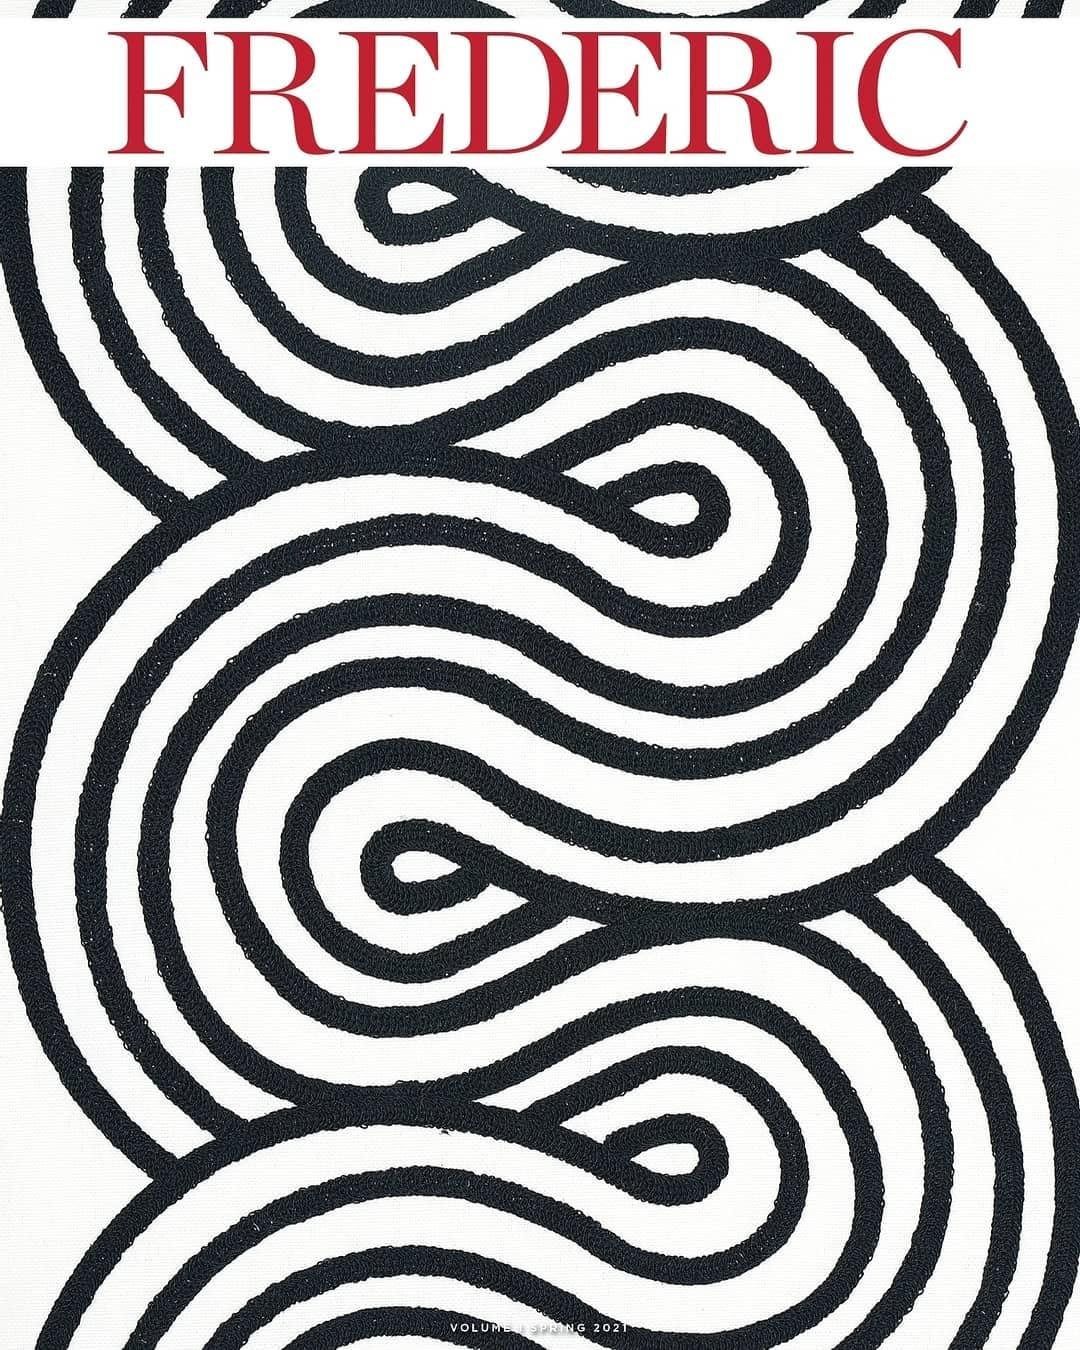 Frederick magazine publication featuring Colette Cosentino